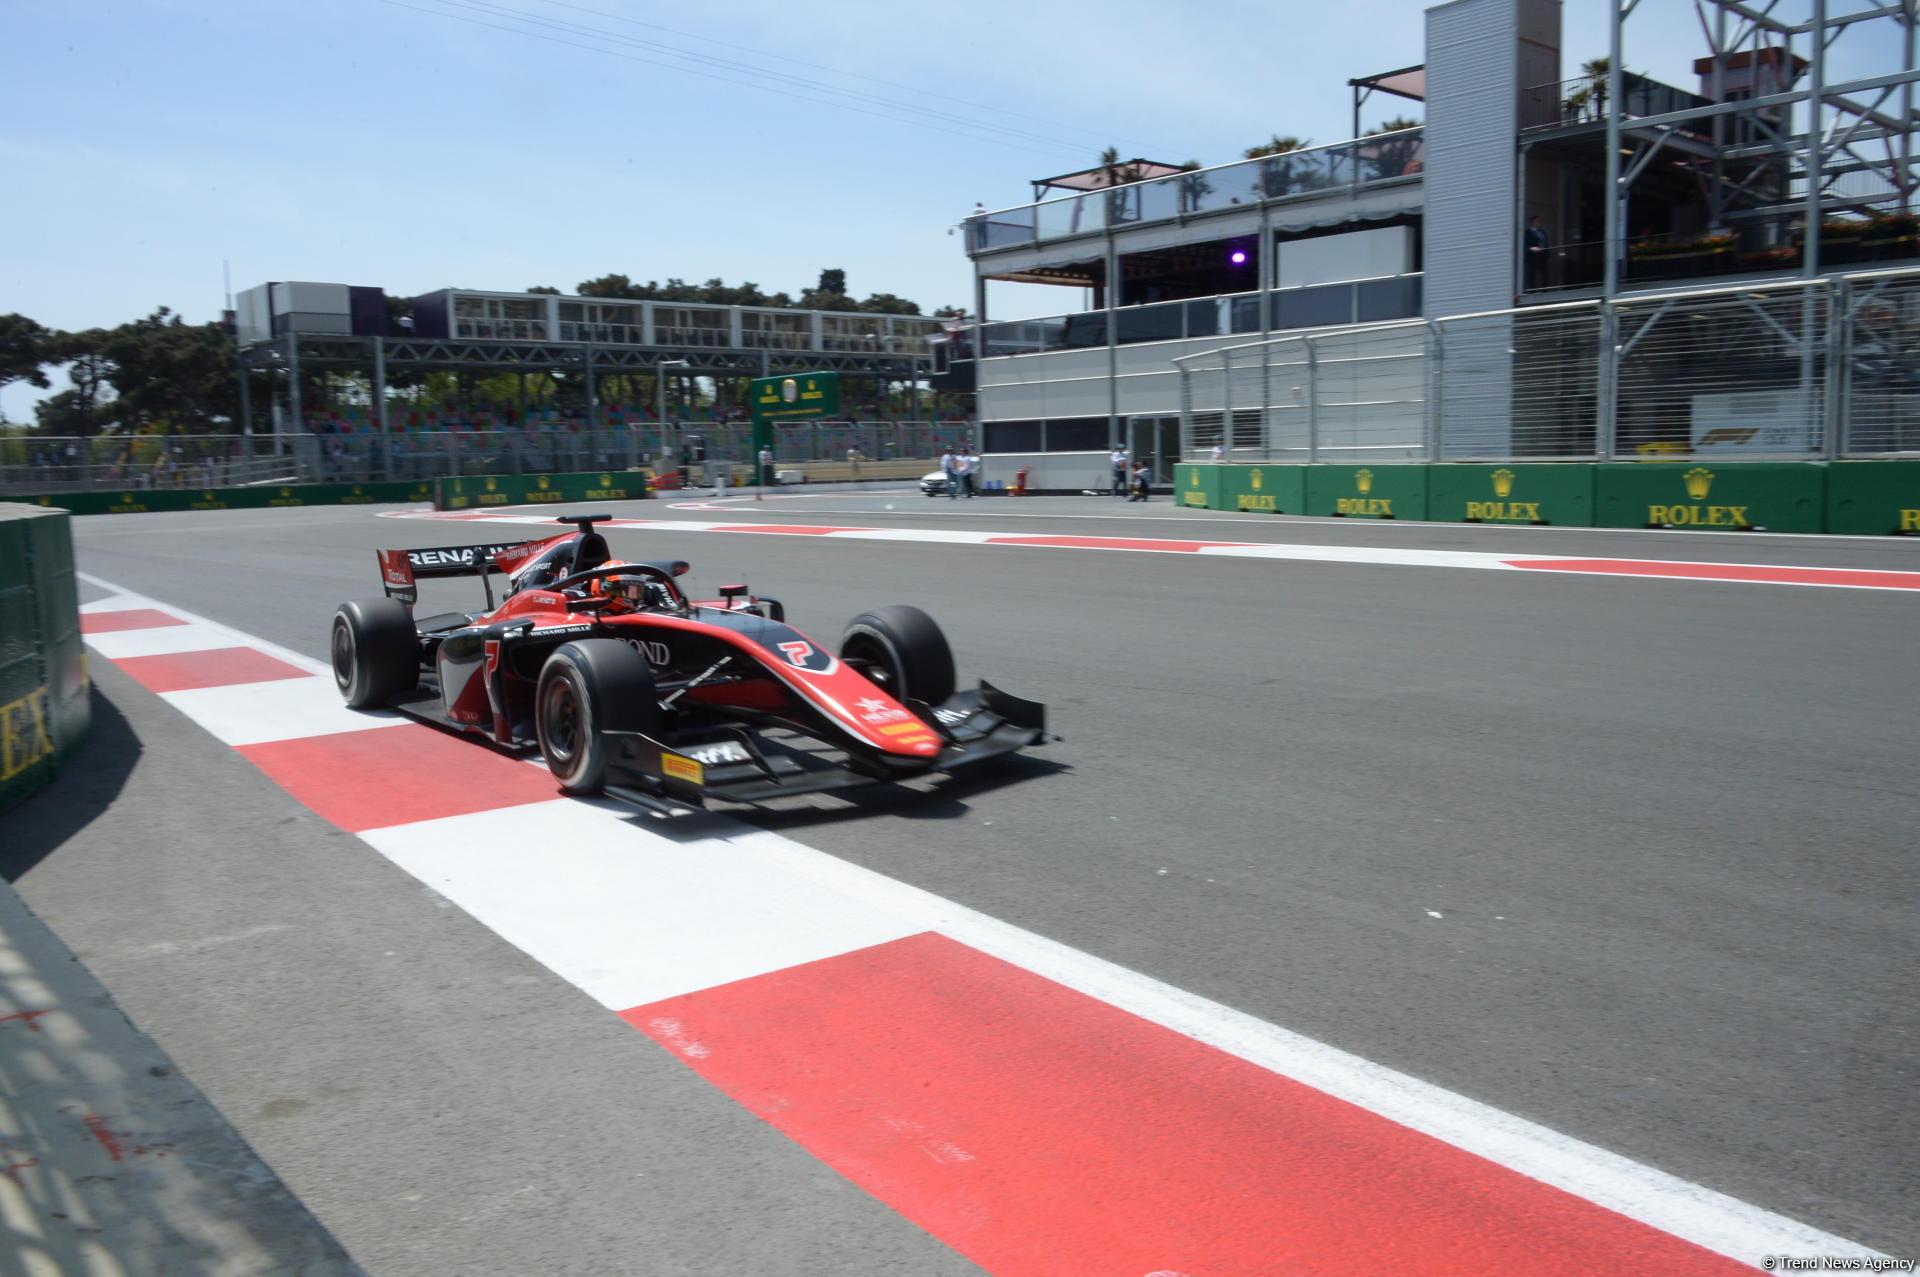 Bakıda FIA Formula 2-də sərbəst yürüşlər başa çatdı (YENİLƏNİB) (FOTO) - Gallery Image